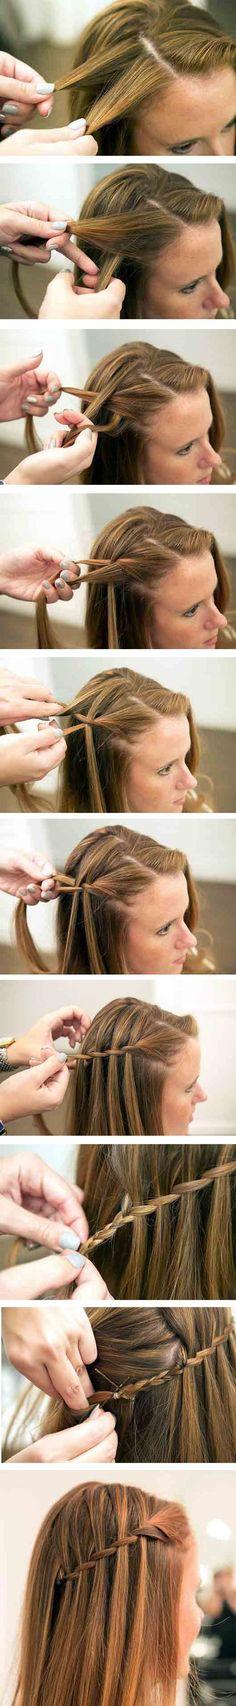 Inlichten waarbij je 1 streng haar laat vallen. Met deze foto's snap je t helemaal